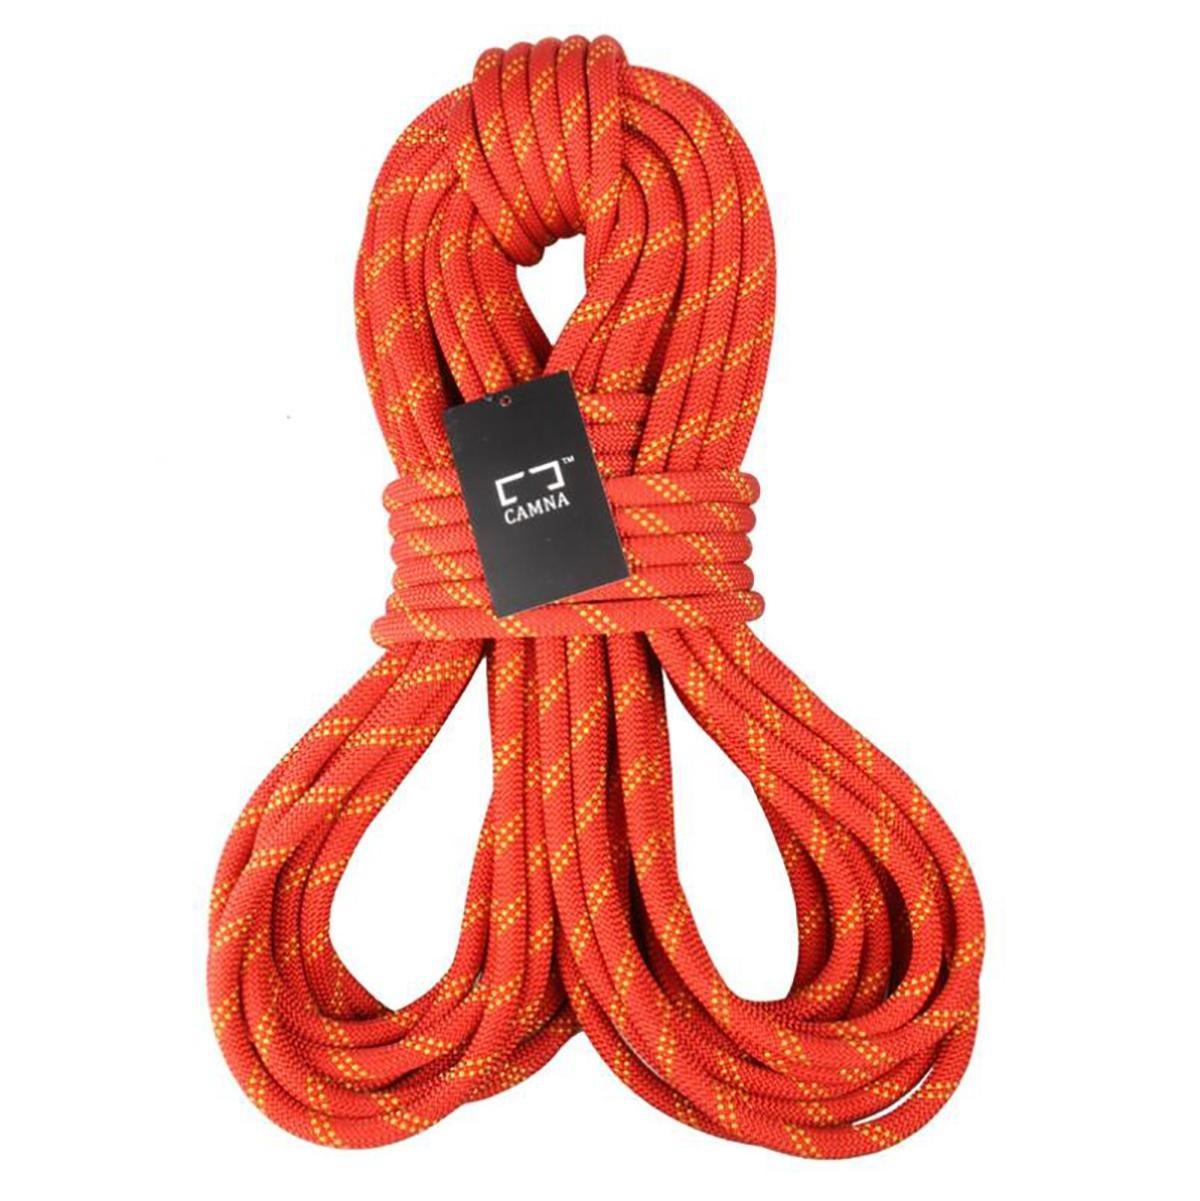 12 mmスタティックロープアウトドア登山速度Downロープ安全デュポン 40m レッド B06XG1M9M3